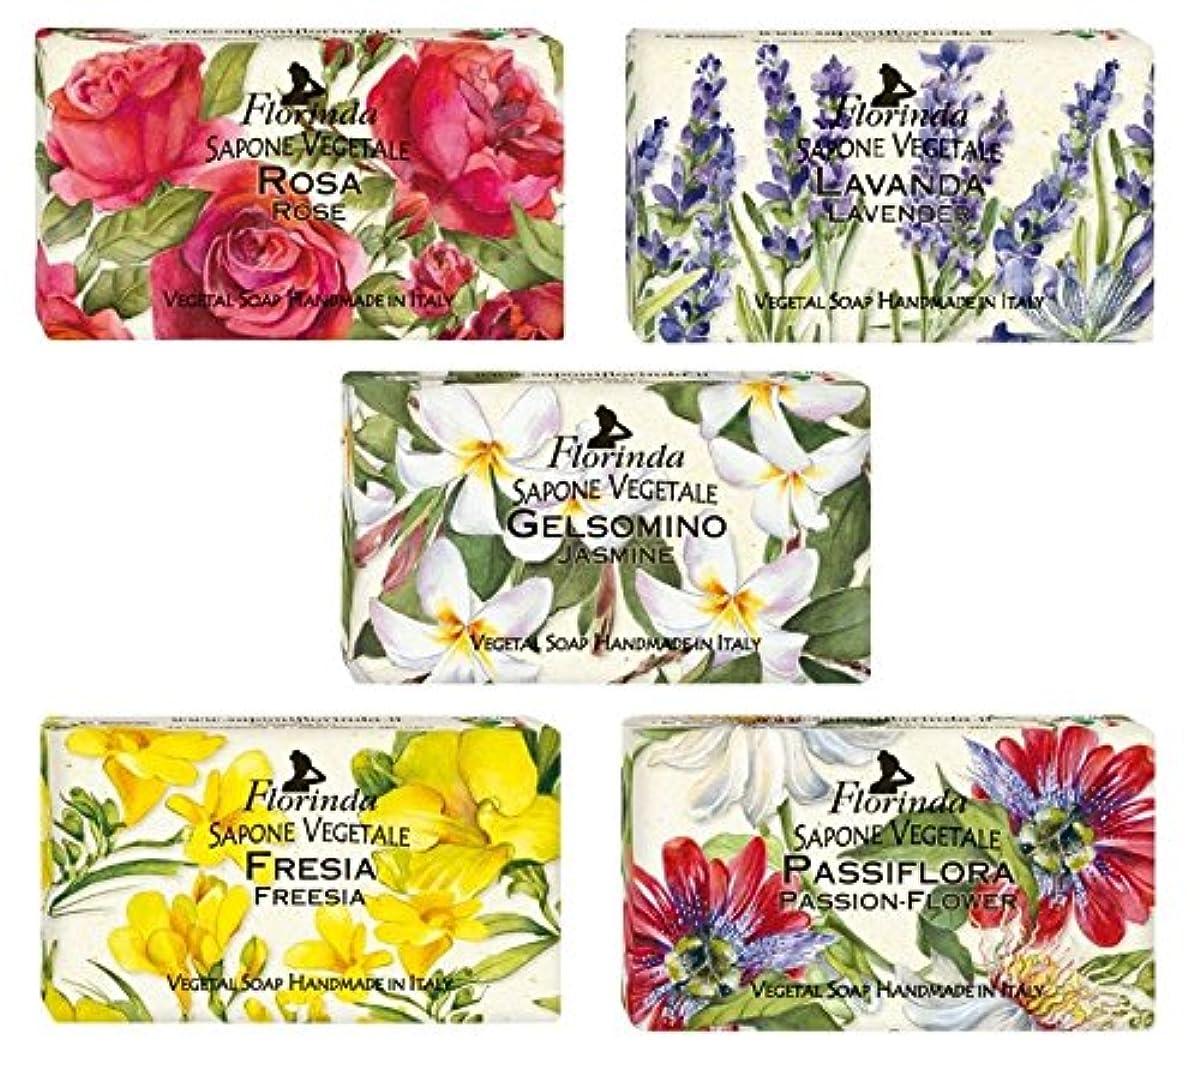 確保する非アクティブ良心的【5種セット】 フロリンダ フレグランスソープ 95g 花の香り 5種セット